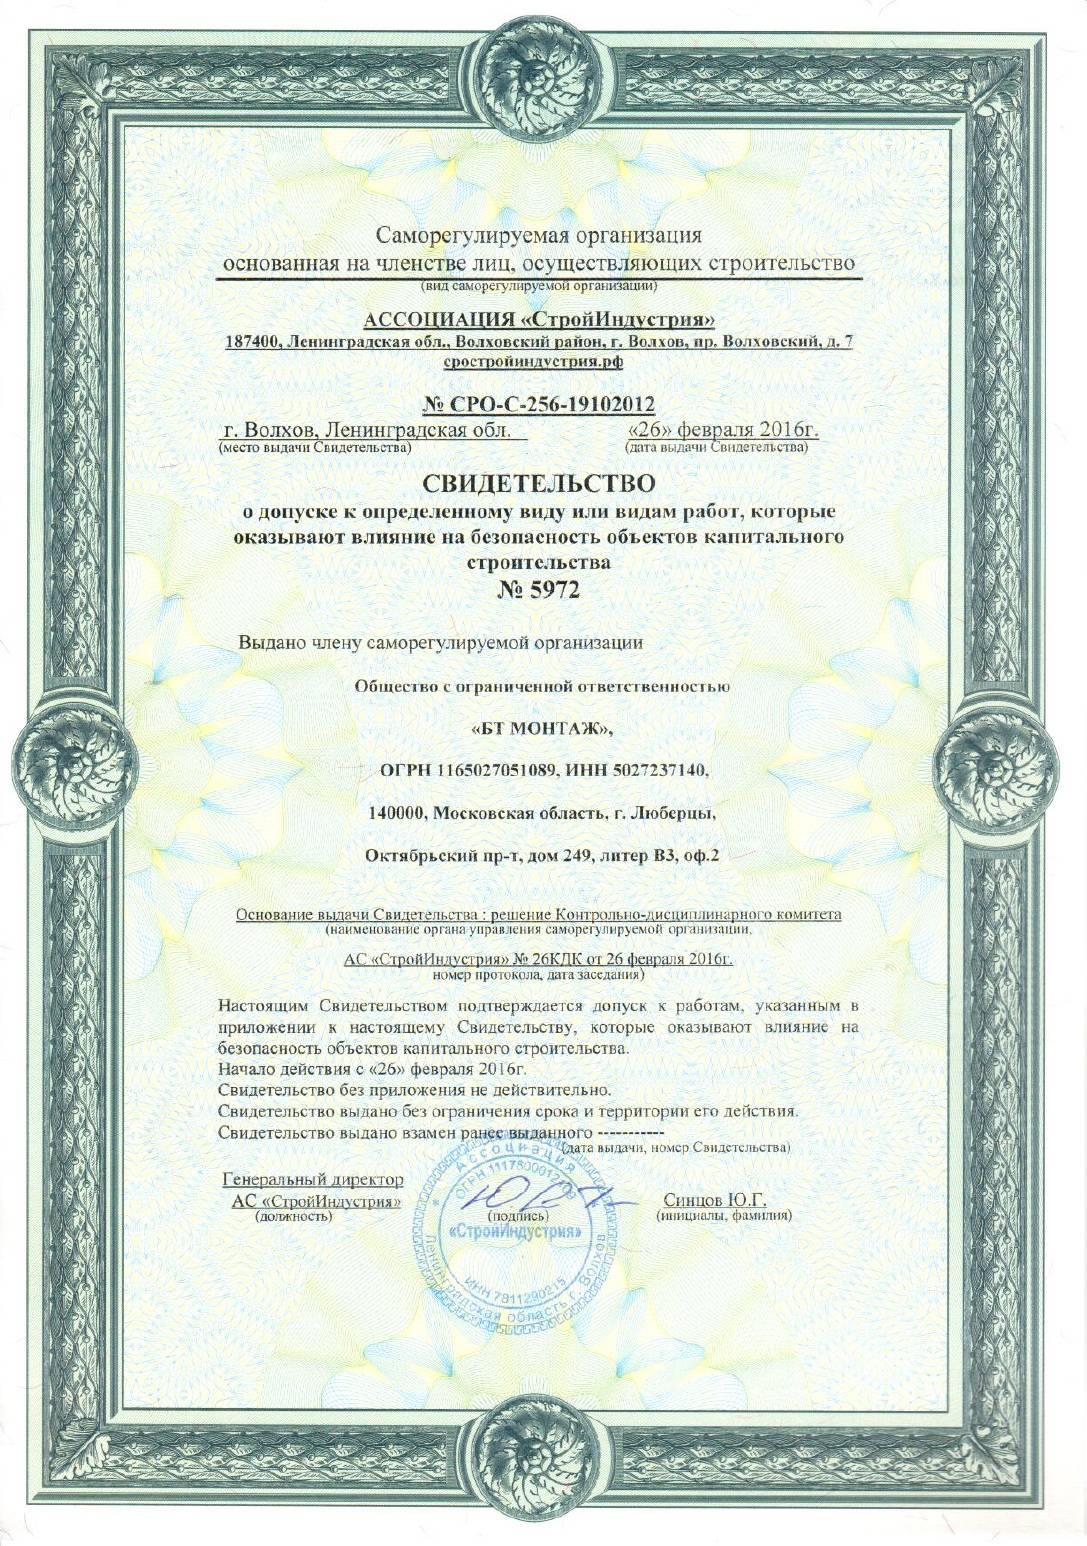 СРО (монтаж грузоподъёмного оборудования)